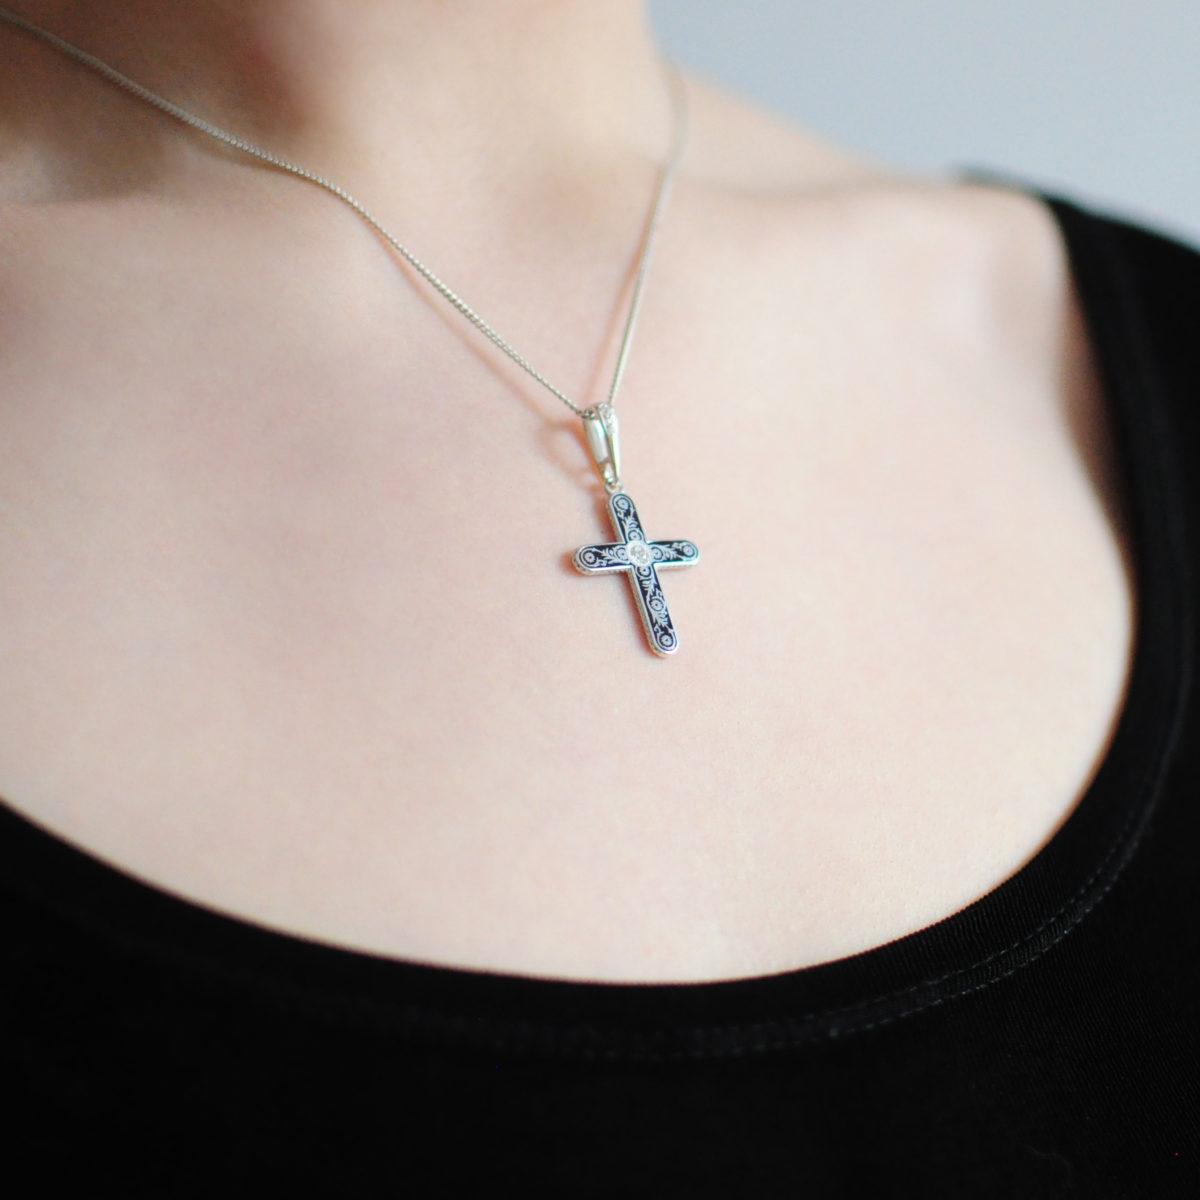 Serebro fioletovaya 1200x1200 - Нательный крест «Спас на крови», фиолетовый